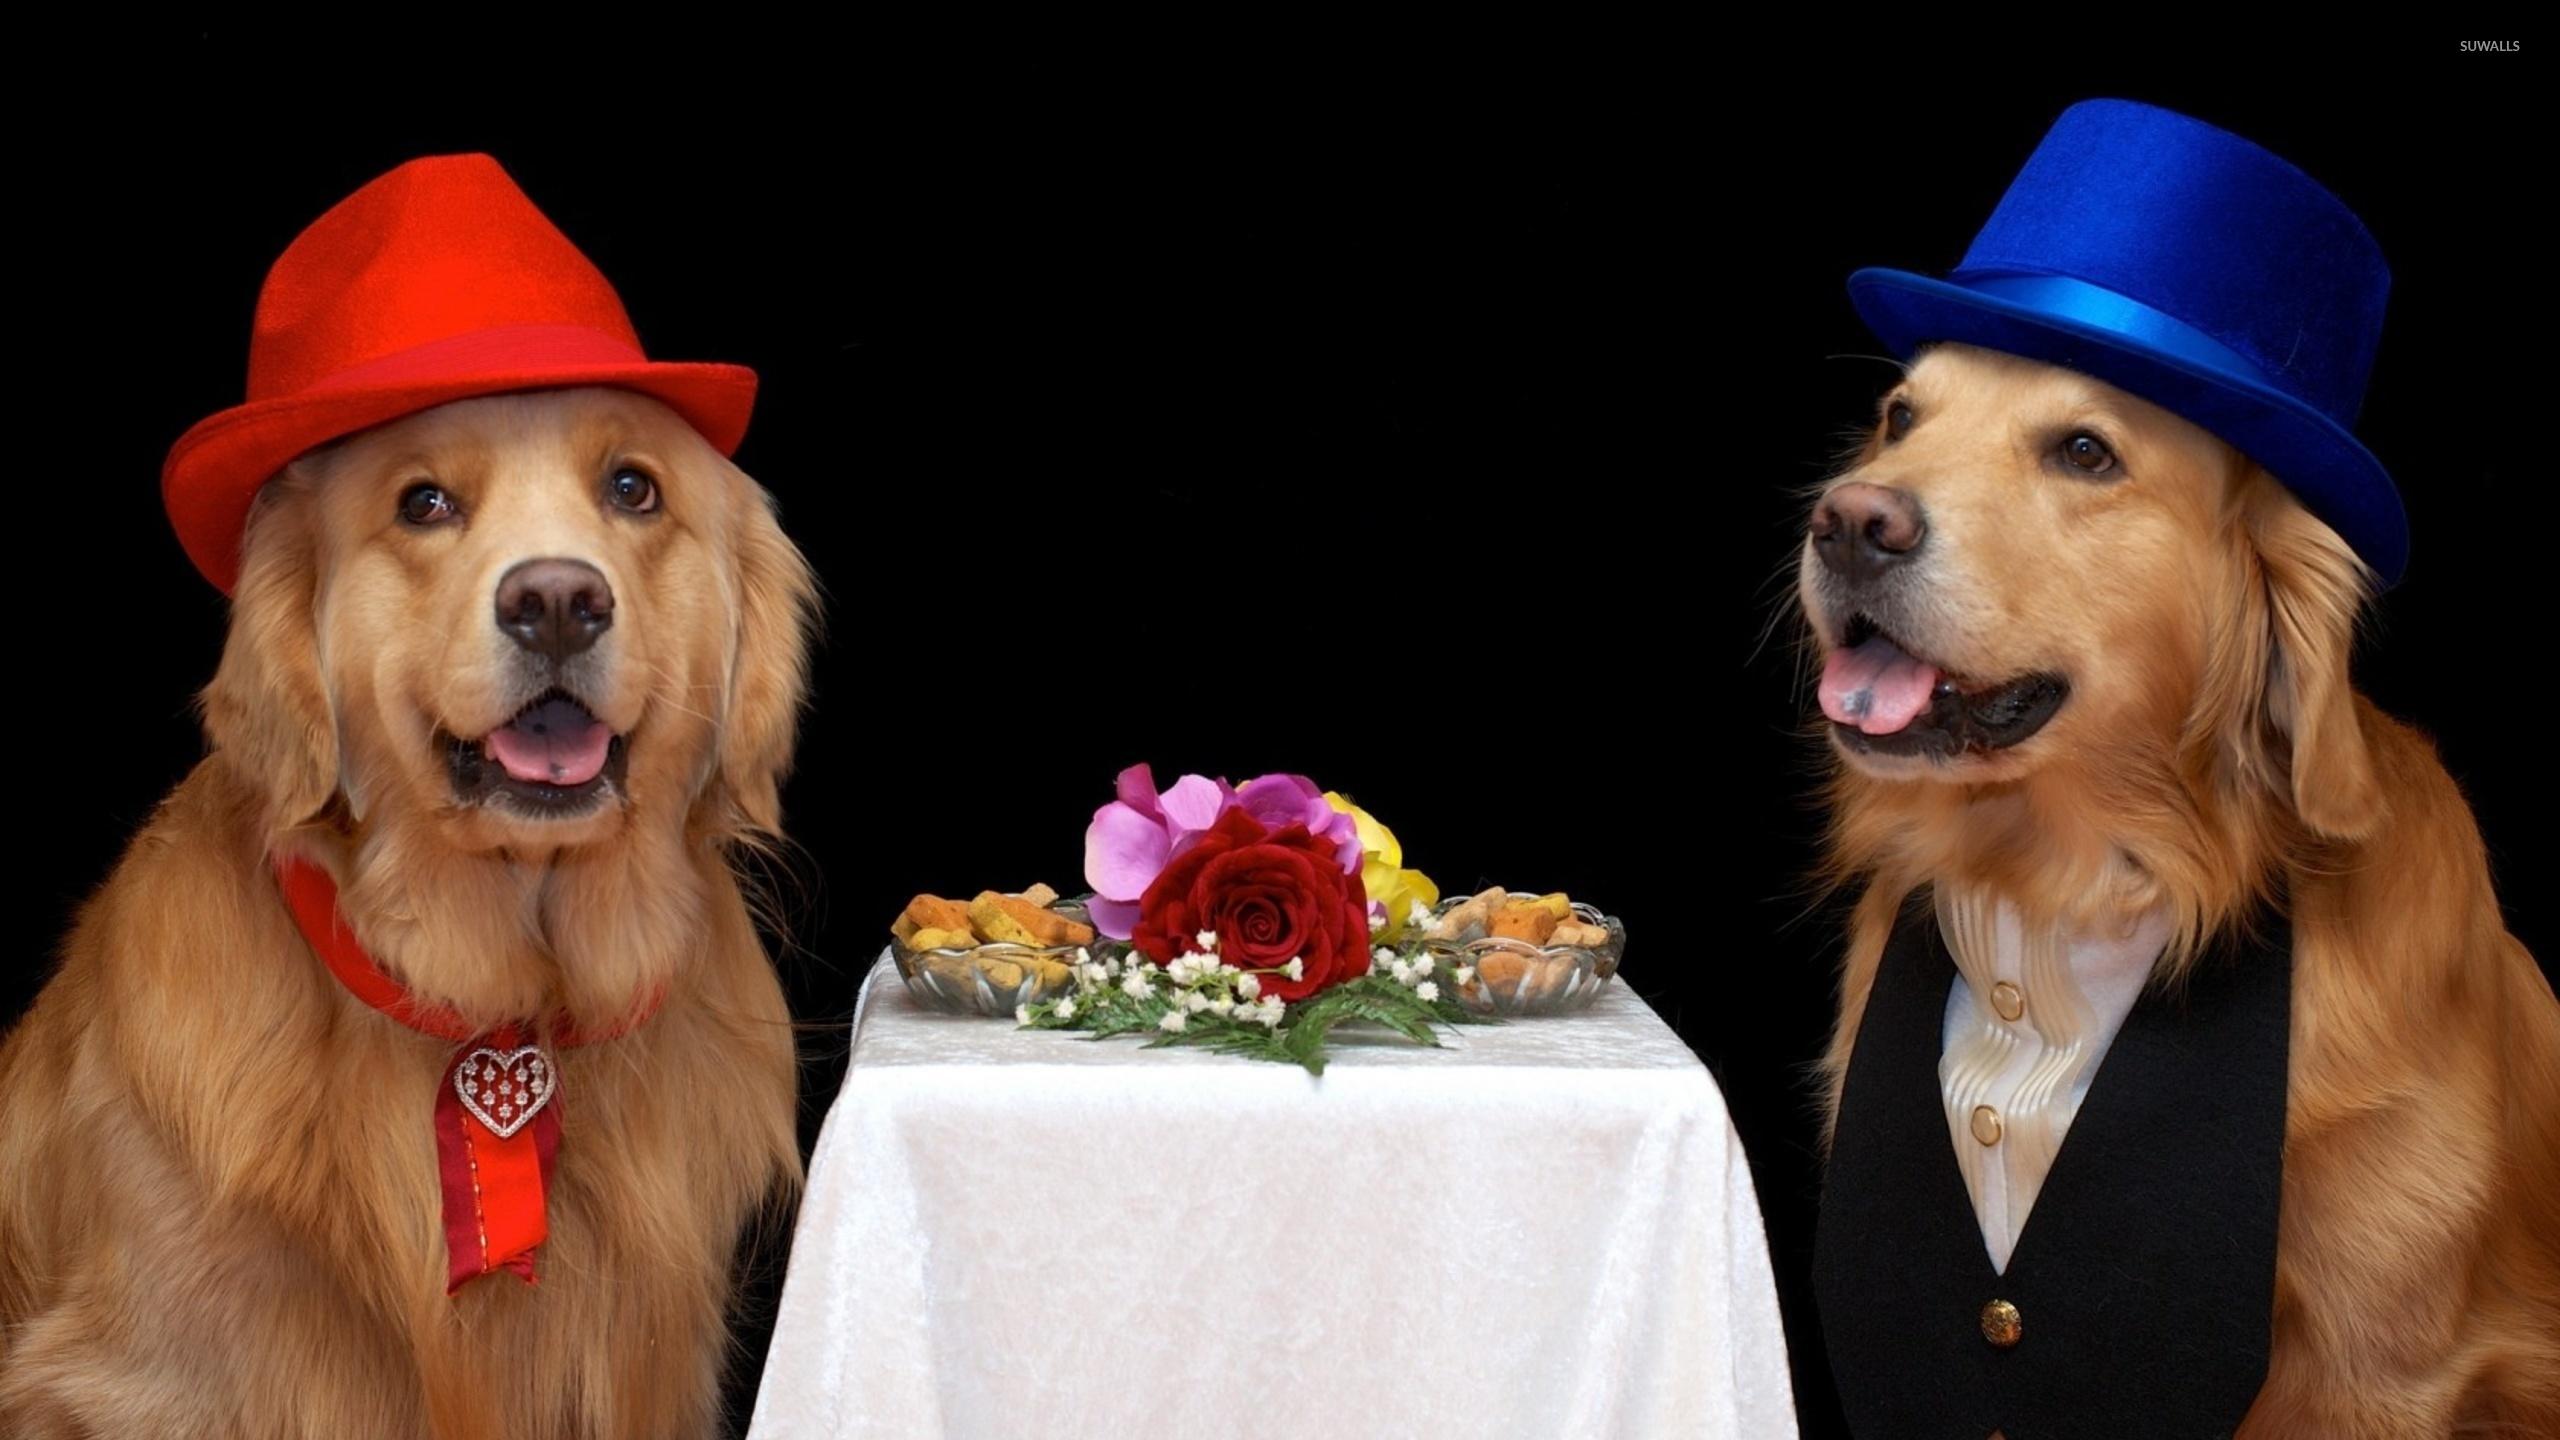 Fall Puppy Wallpaper Golden Retriever Wearing Hats Wallpaper Animal